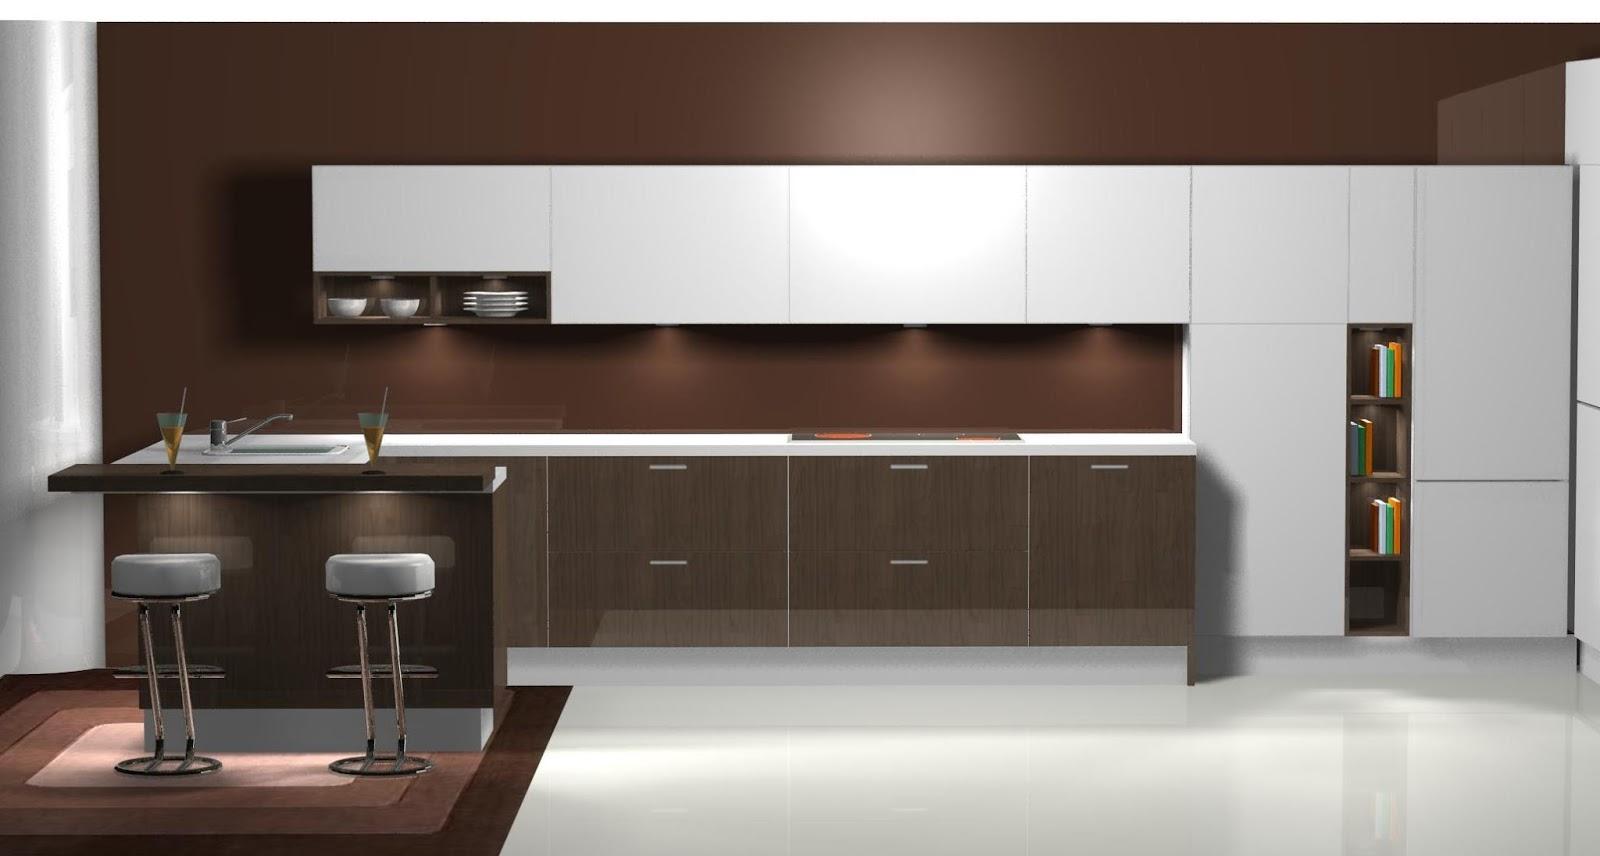 Dise o muebles de cocina dise o de cocina en blanco y wengue for Muebles de diseno online outlet